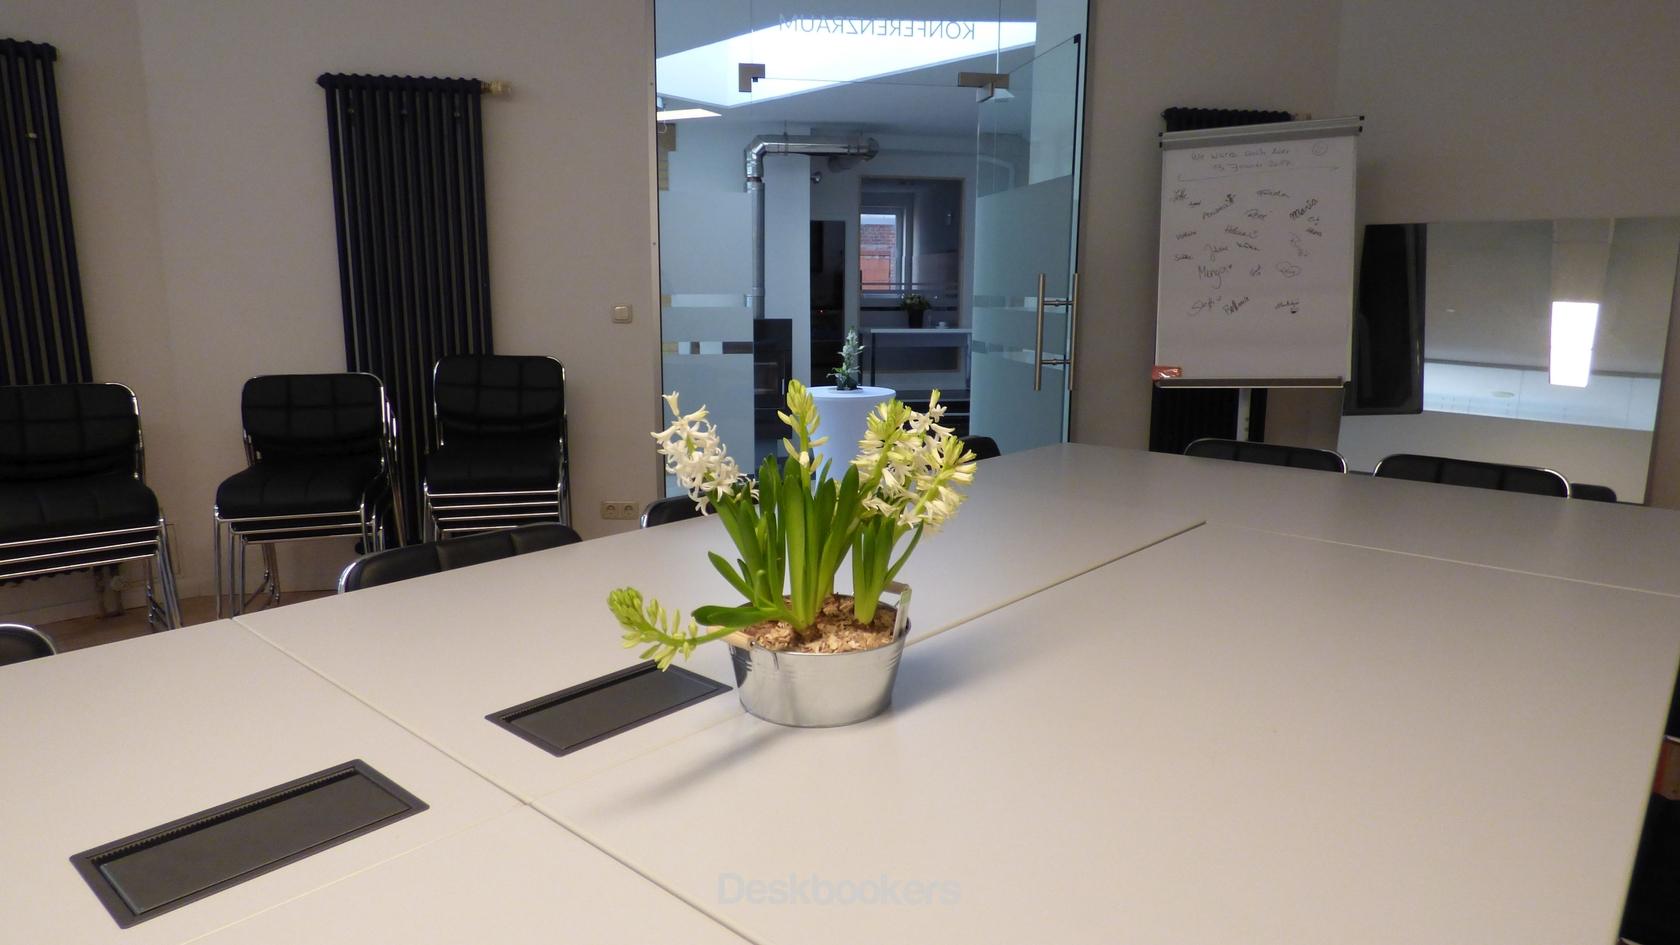 Moderner Meetingraum - Arbeitsraum - Das.Businessloft - Ihre ...